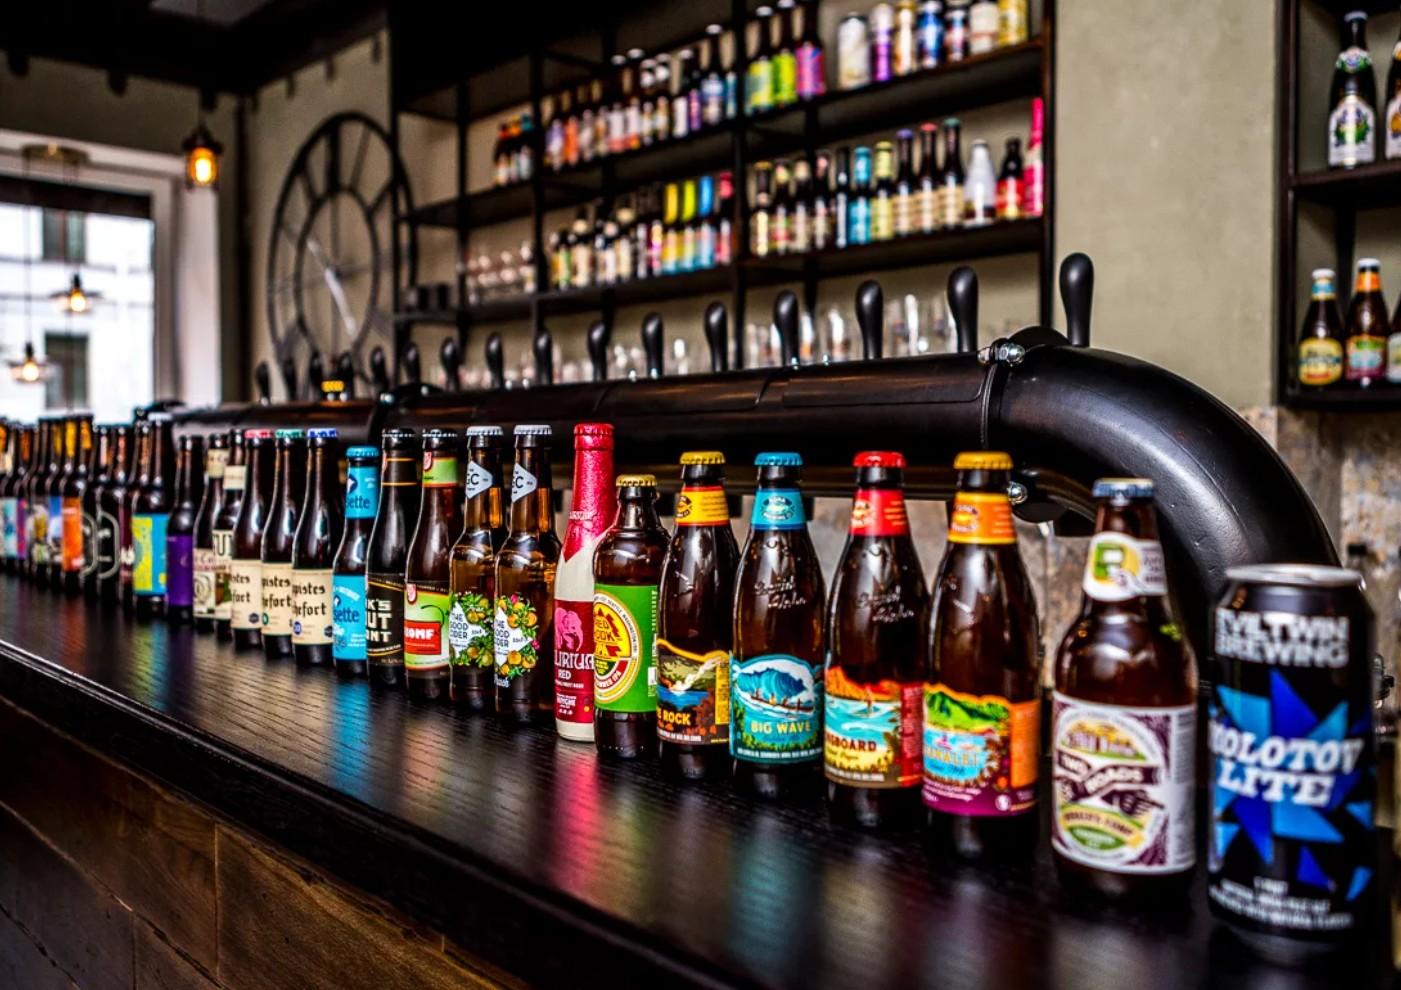 Все интересные бары Красноармейского района города Волгограда: адреса и телефоны. Пиво и закуски. Доставка еды и напитков домой.